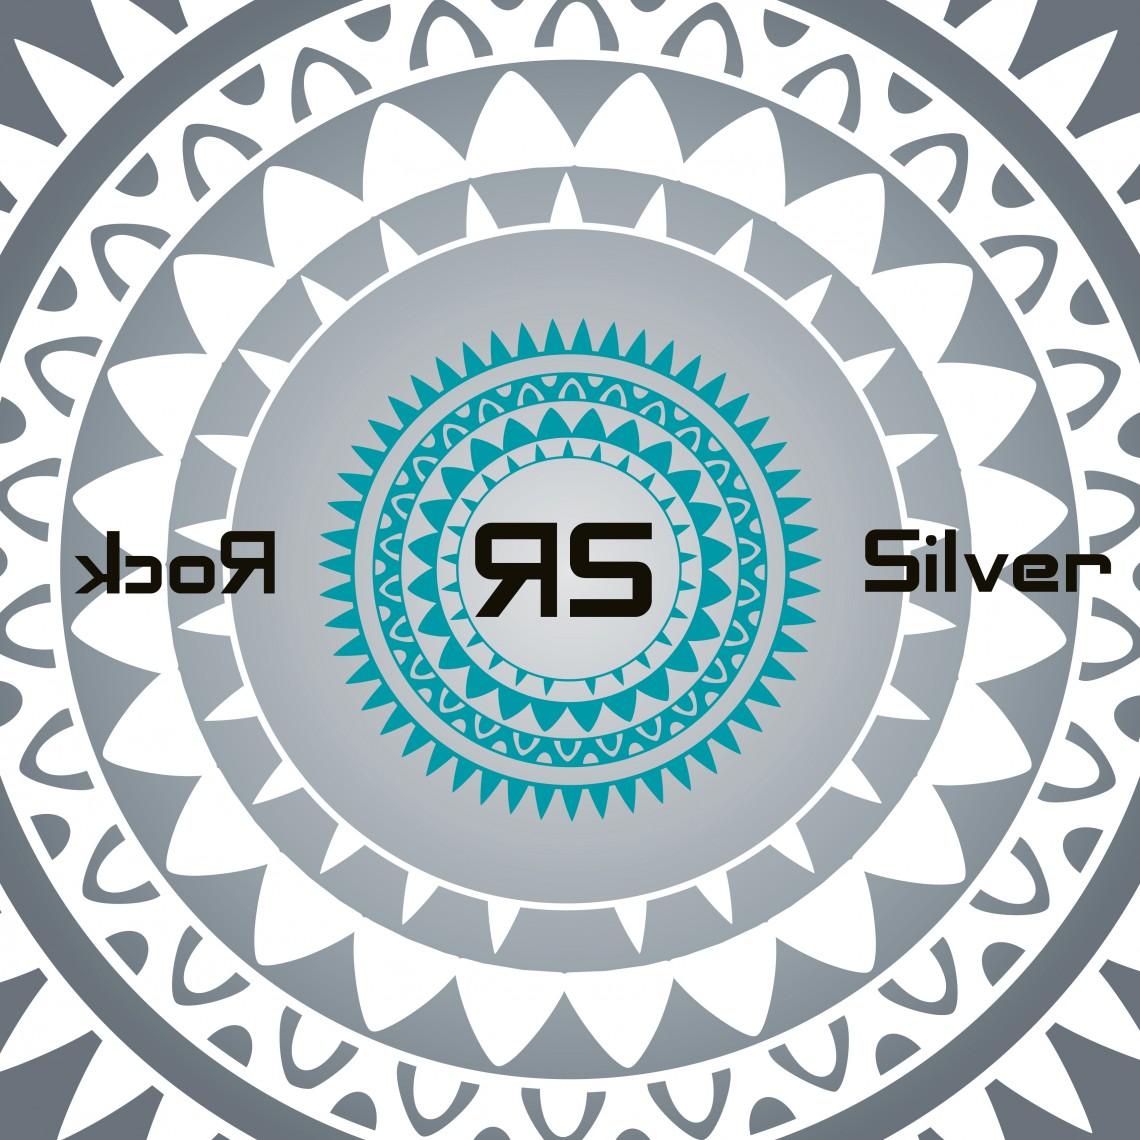 Rock & Silver® – Flower Power